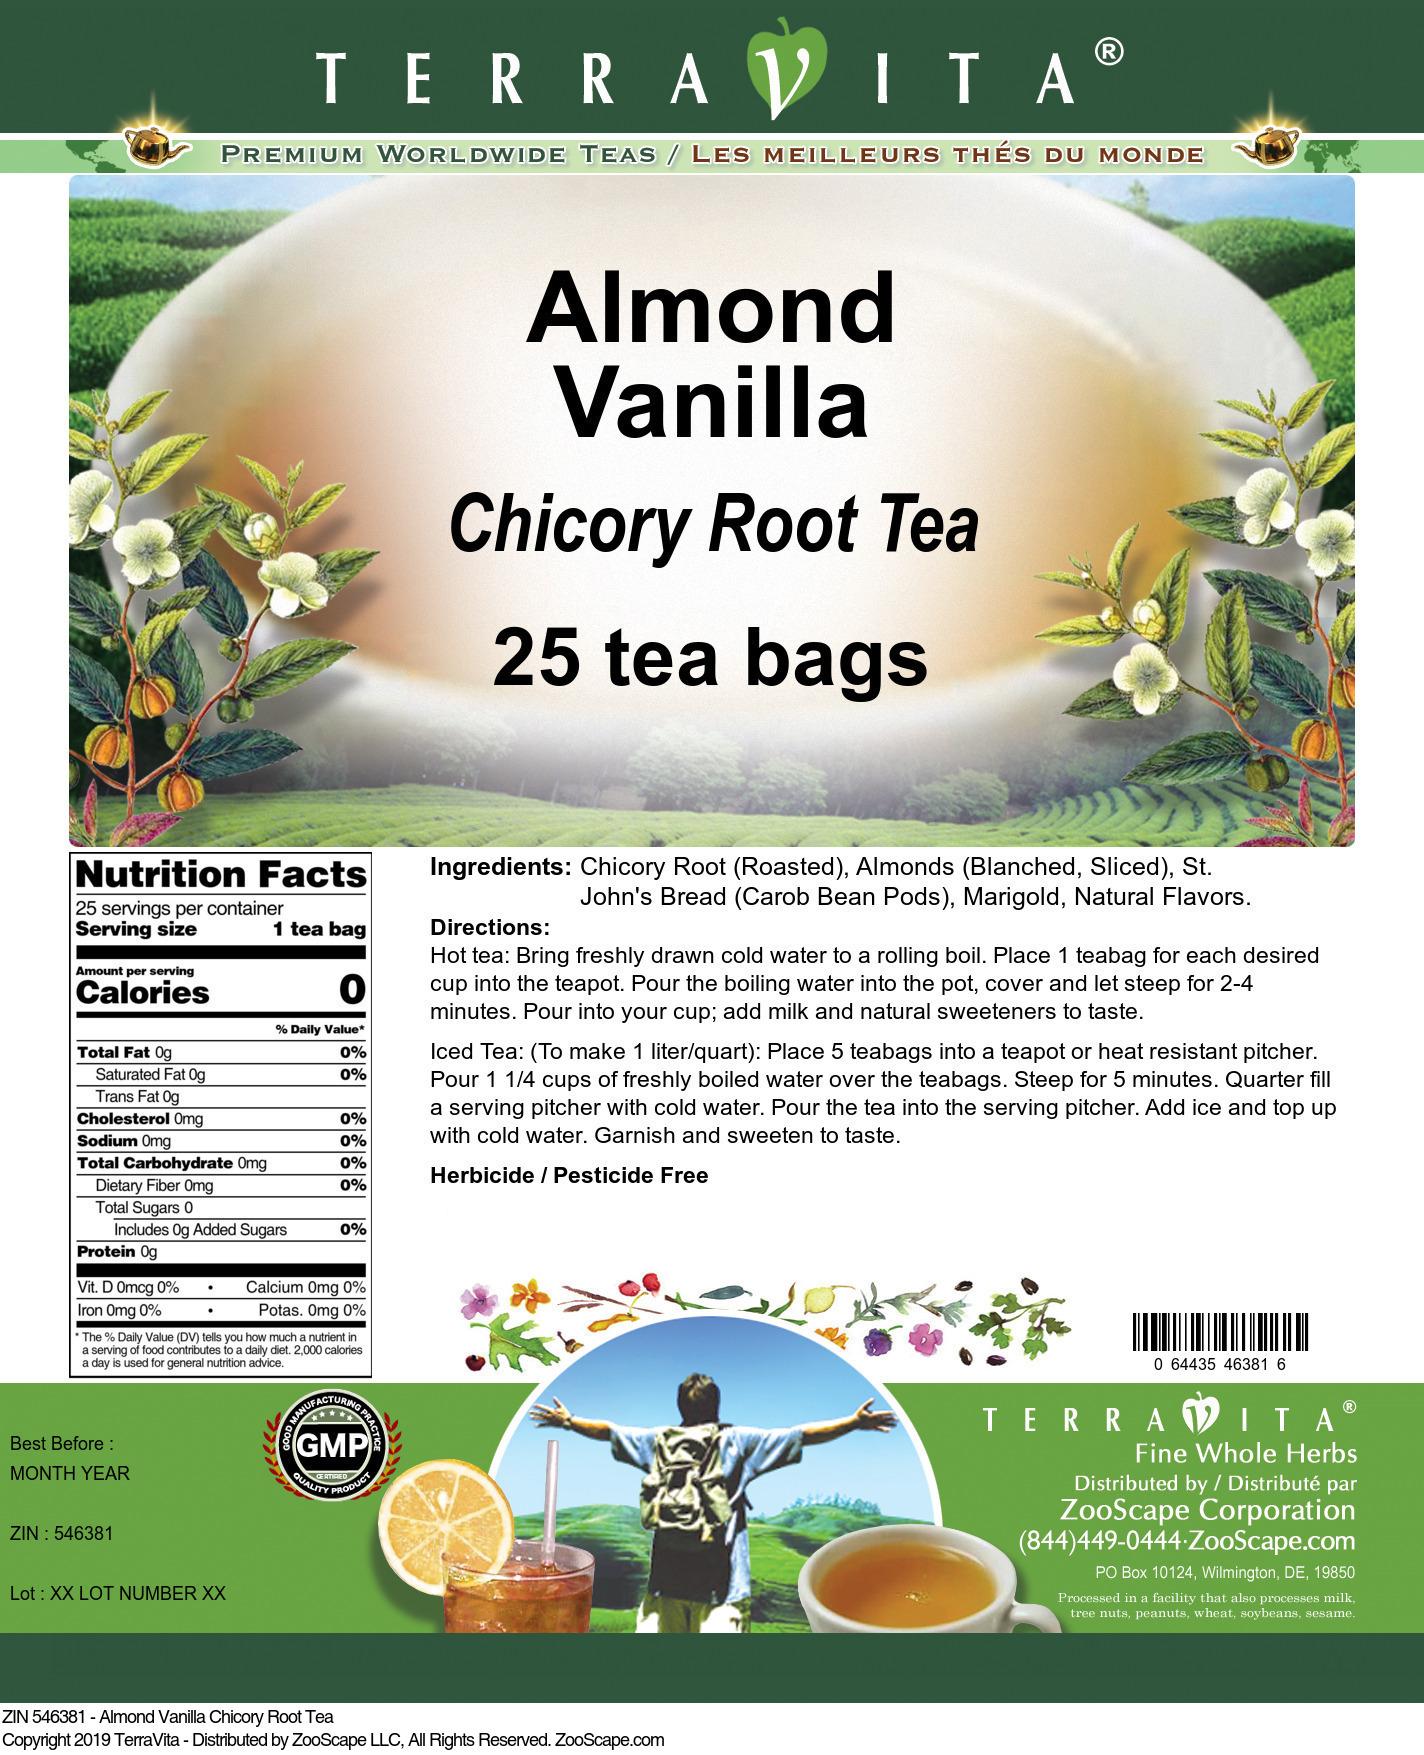 Almond Vanilla Chicory Root Tea